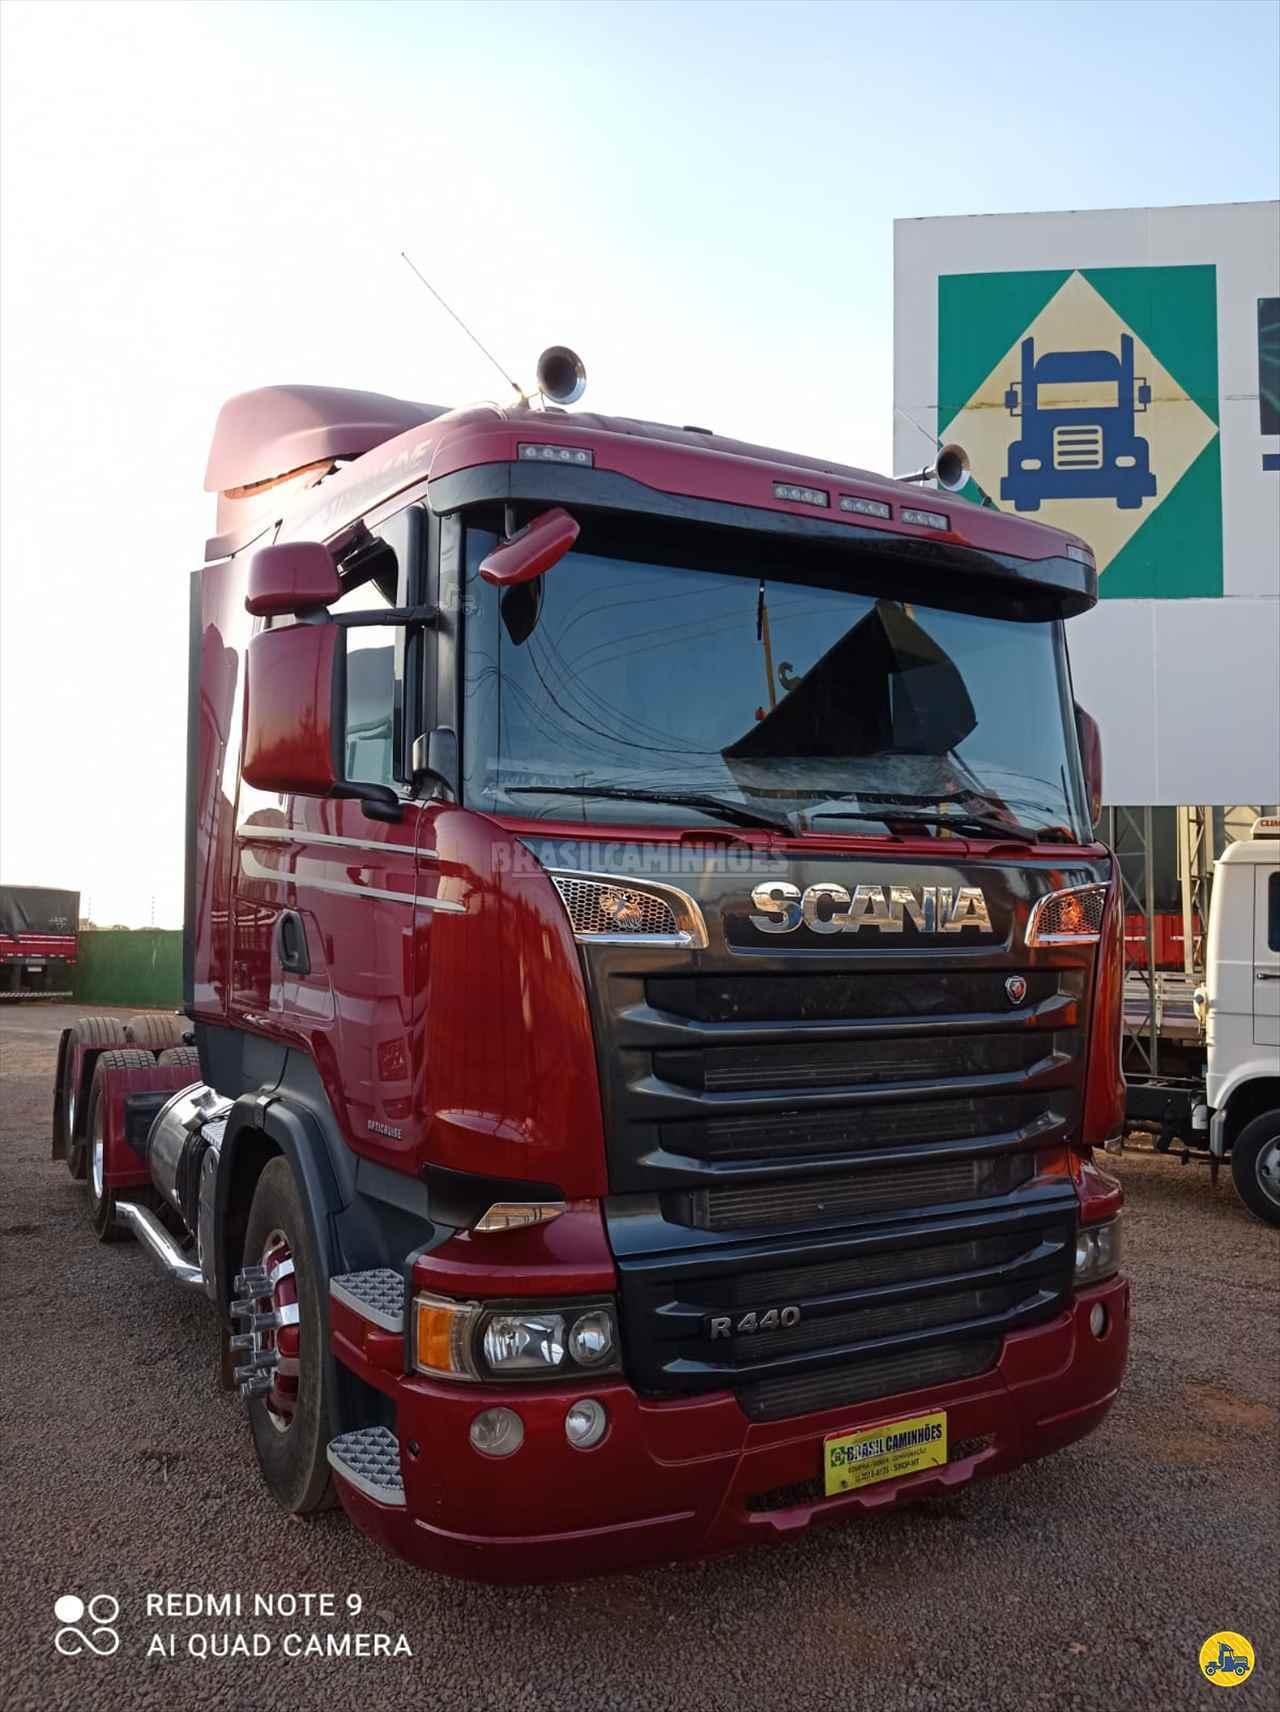 CAMINHAO SCANIA SCANIA 440 Cavalo Mecânico Truck 6x2 Brasil Caminhões Sinop SINOP MATO GROSSO MT